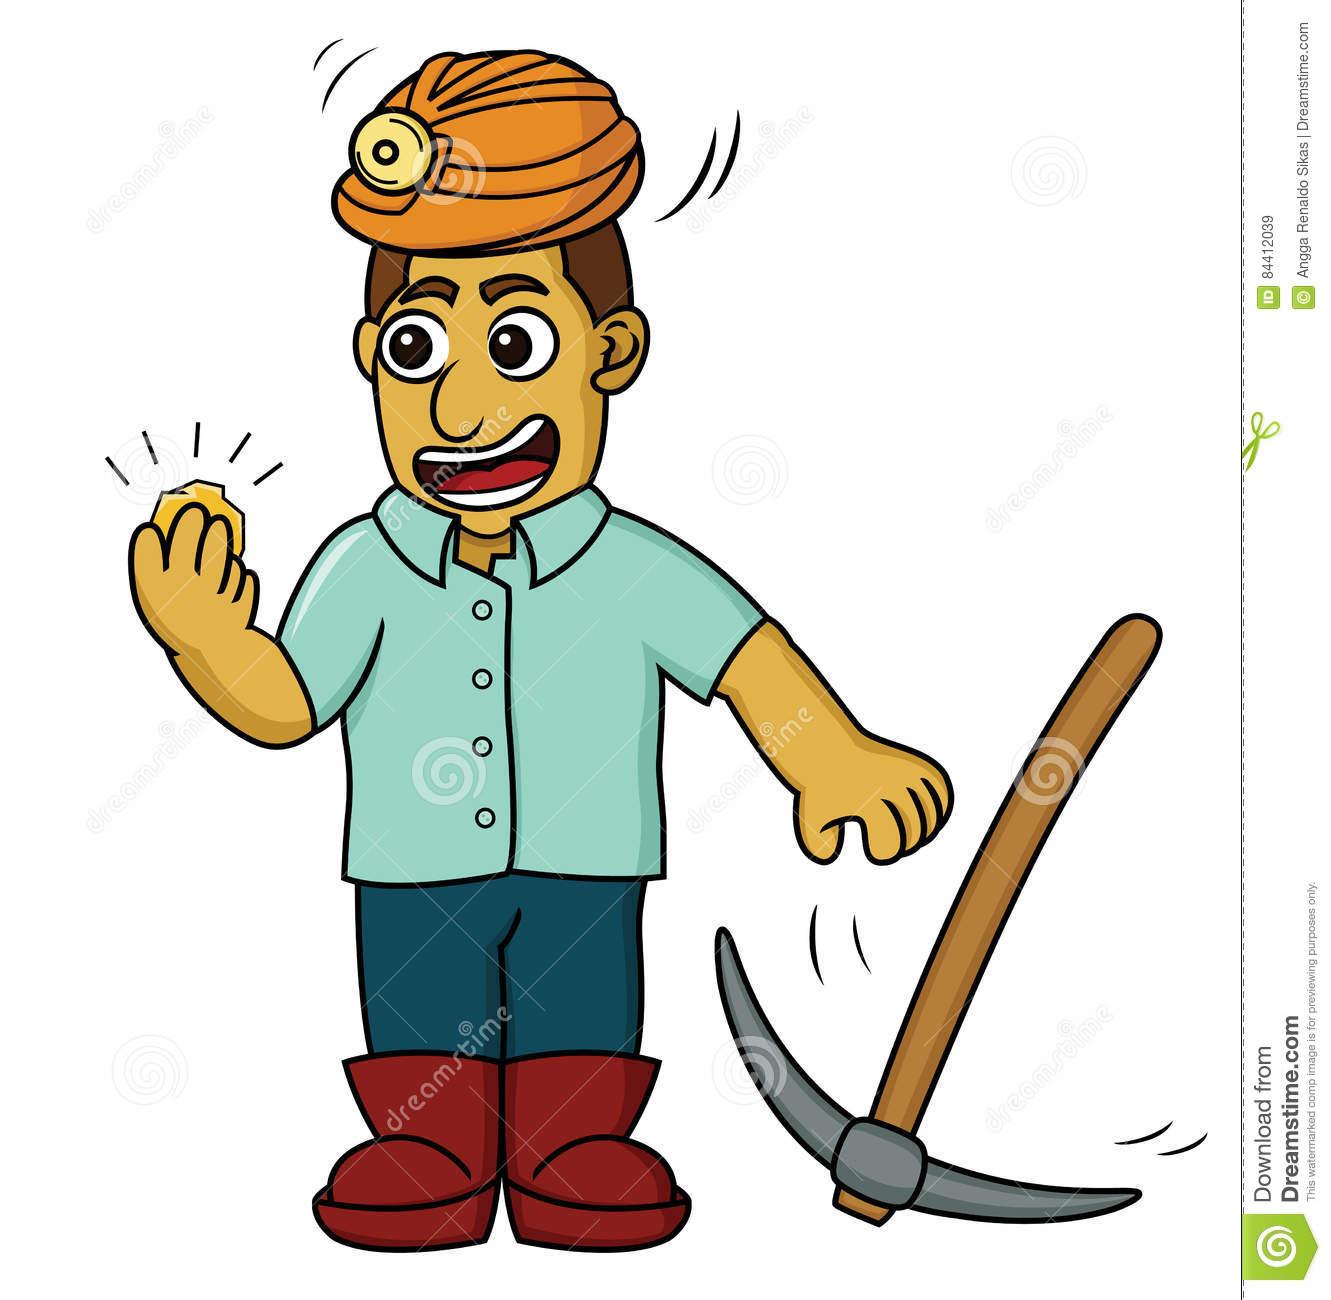 Illustration De Bande Dessinée D'un Mineur D'or Heureux concernant Mineur D Or